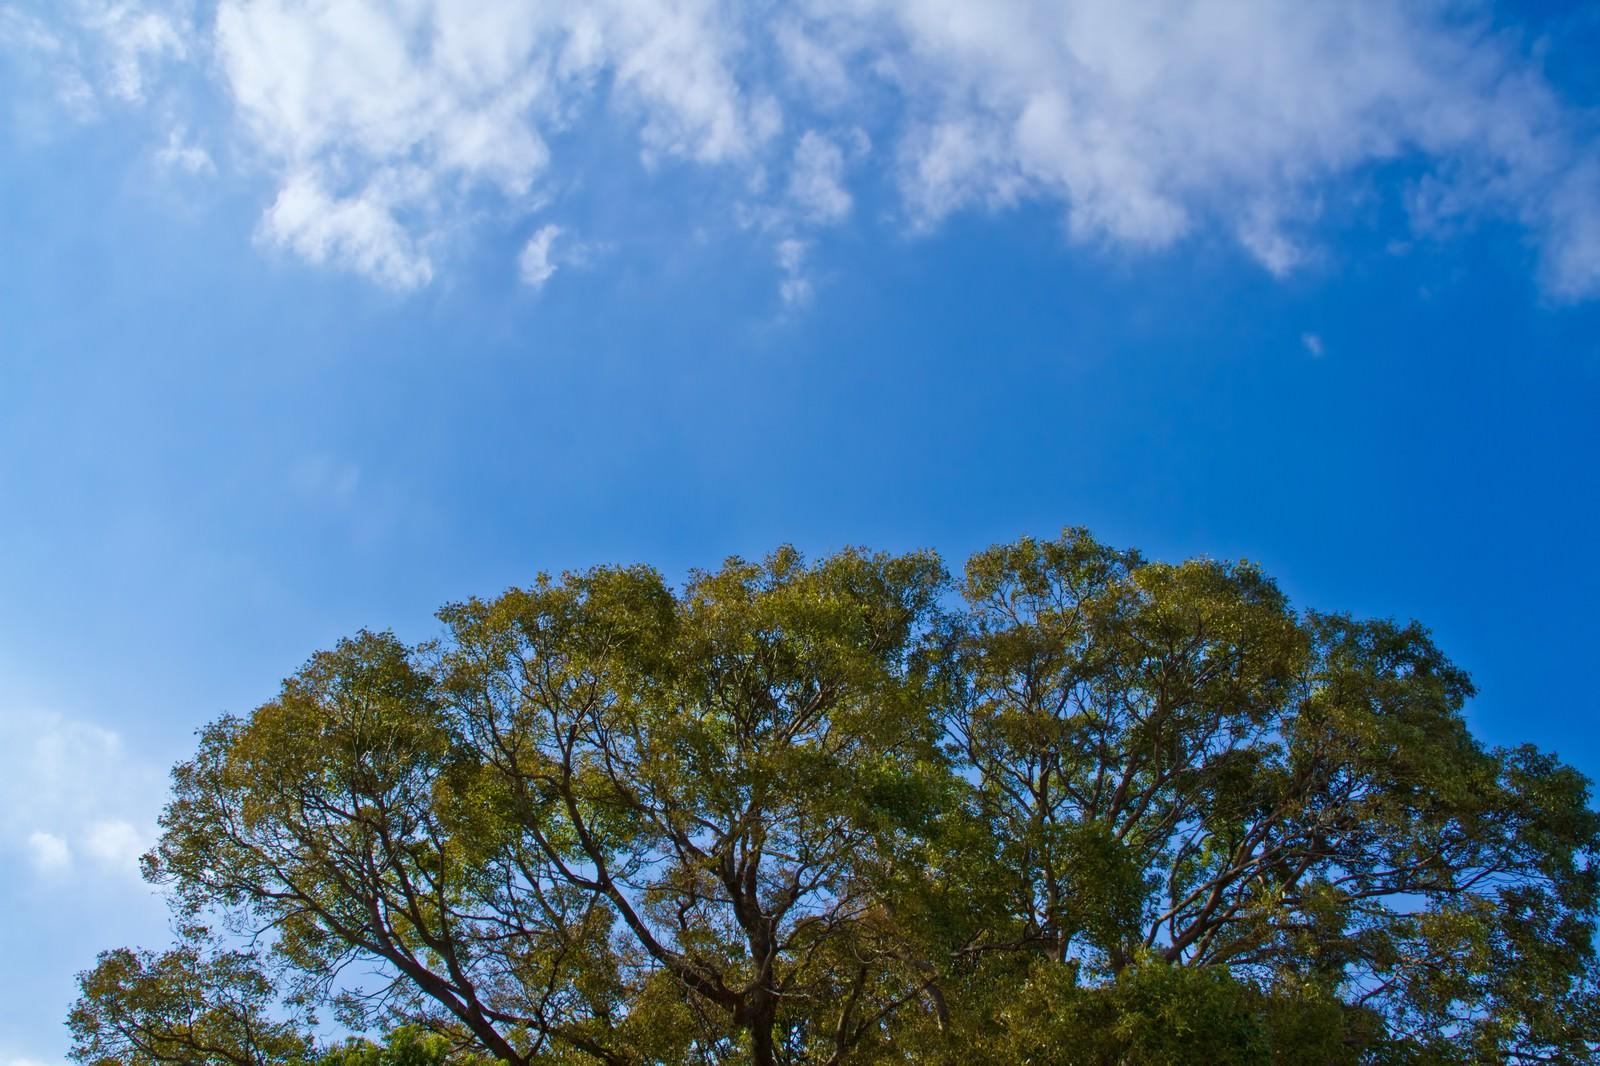 「よく晴れた青空と大樹 | 写真の無料素材・フリー素材 - ぱくたそ」の写真